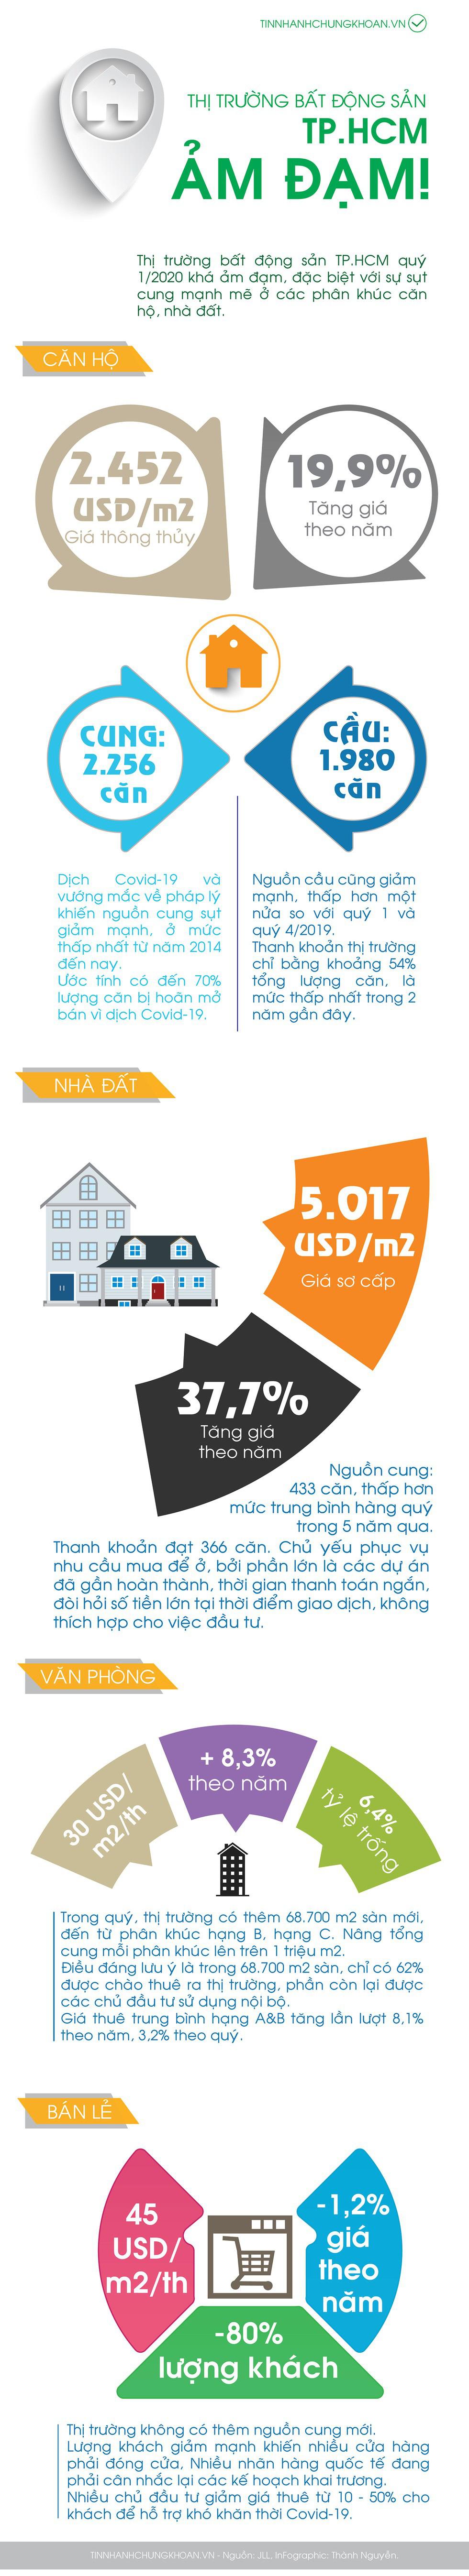 [Infographic] Ảm đạm thị trường bất động sản TP HCM quí I/2020 - Ảnh 1.